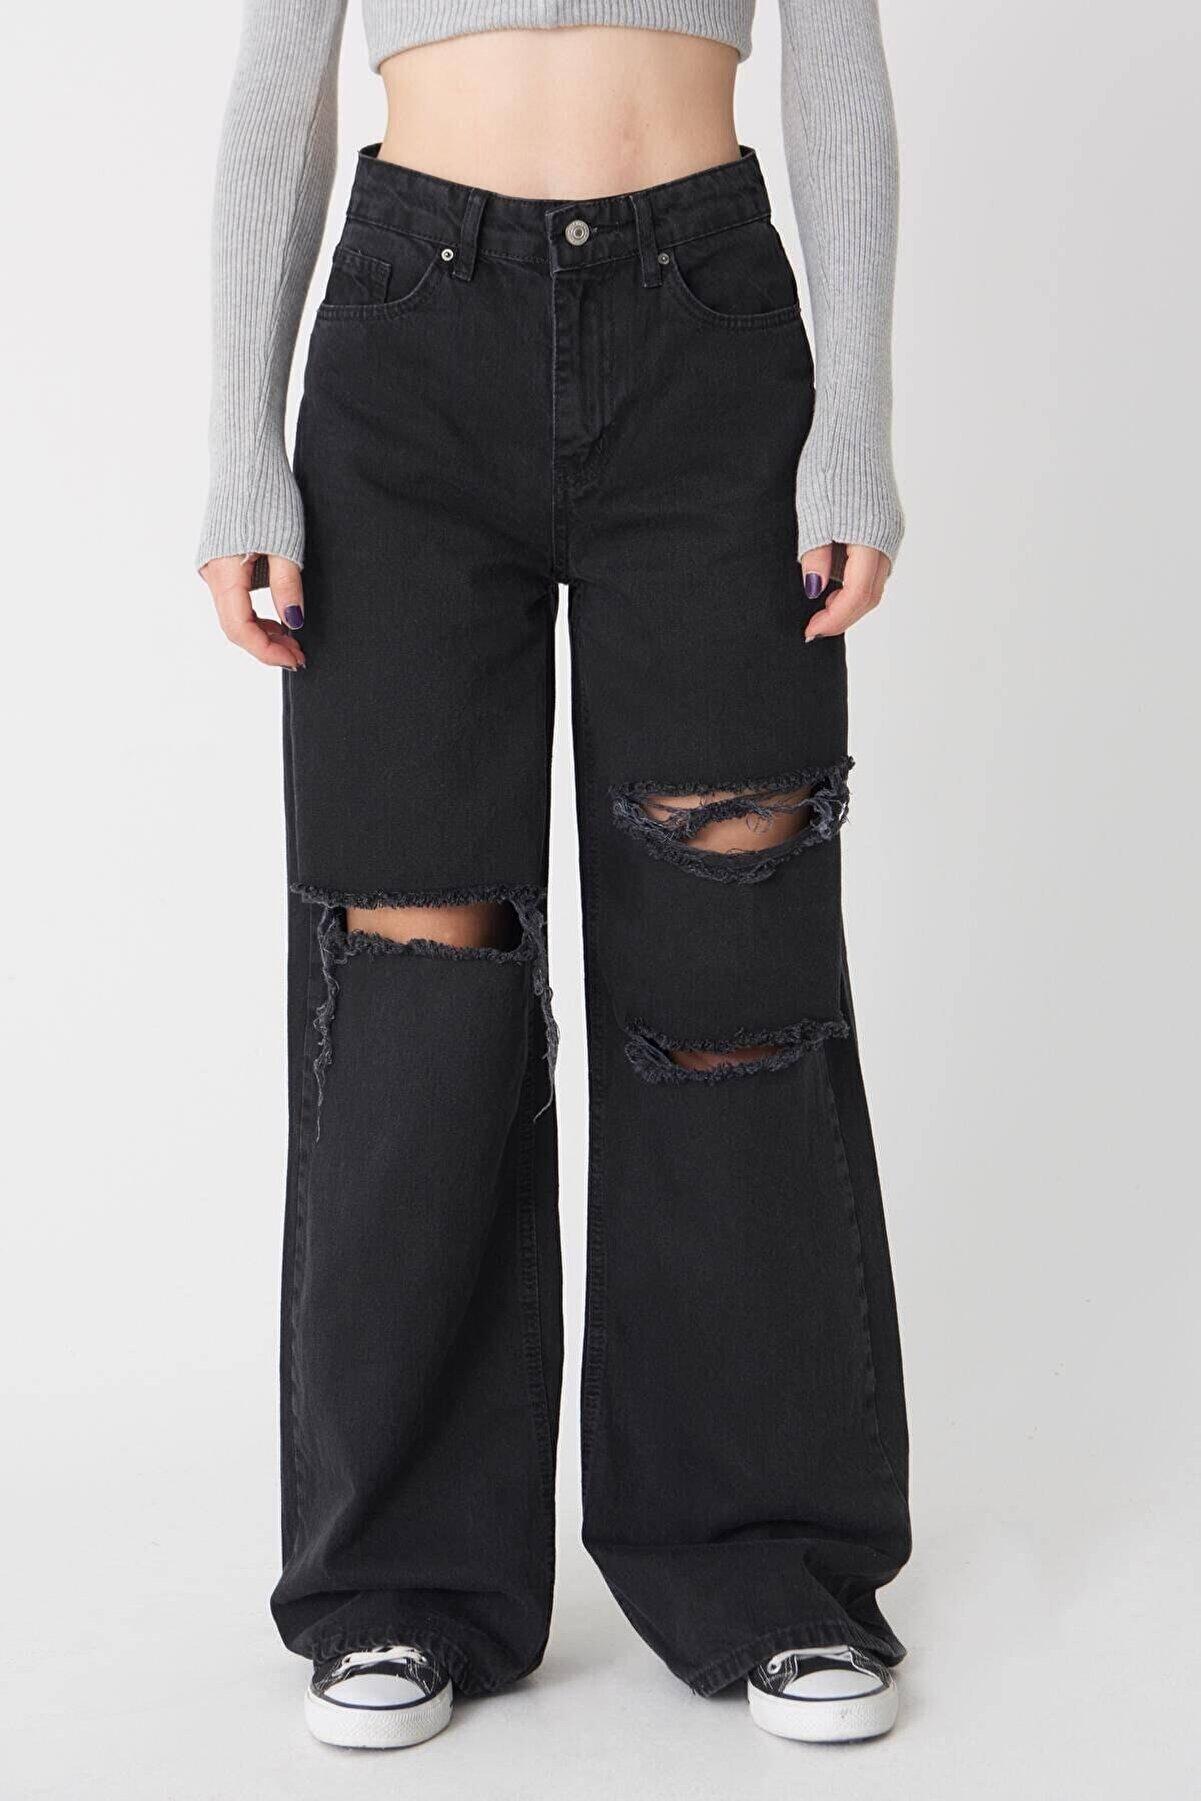 IŞILDA Kadın Giyim Yırtık Detay Bol Paça Jean